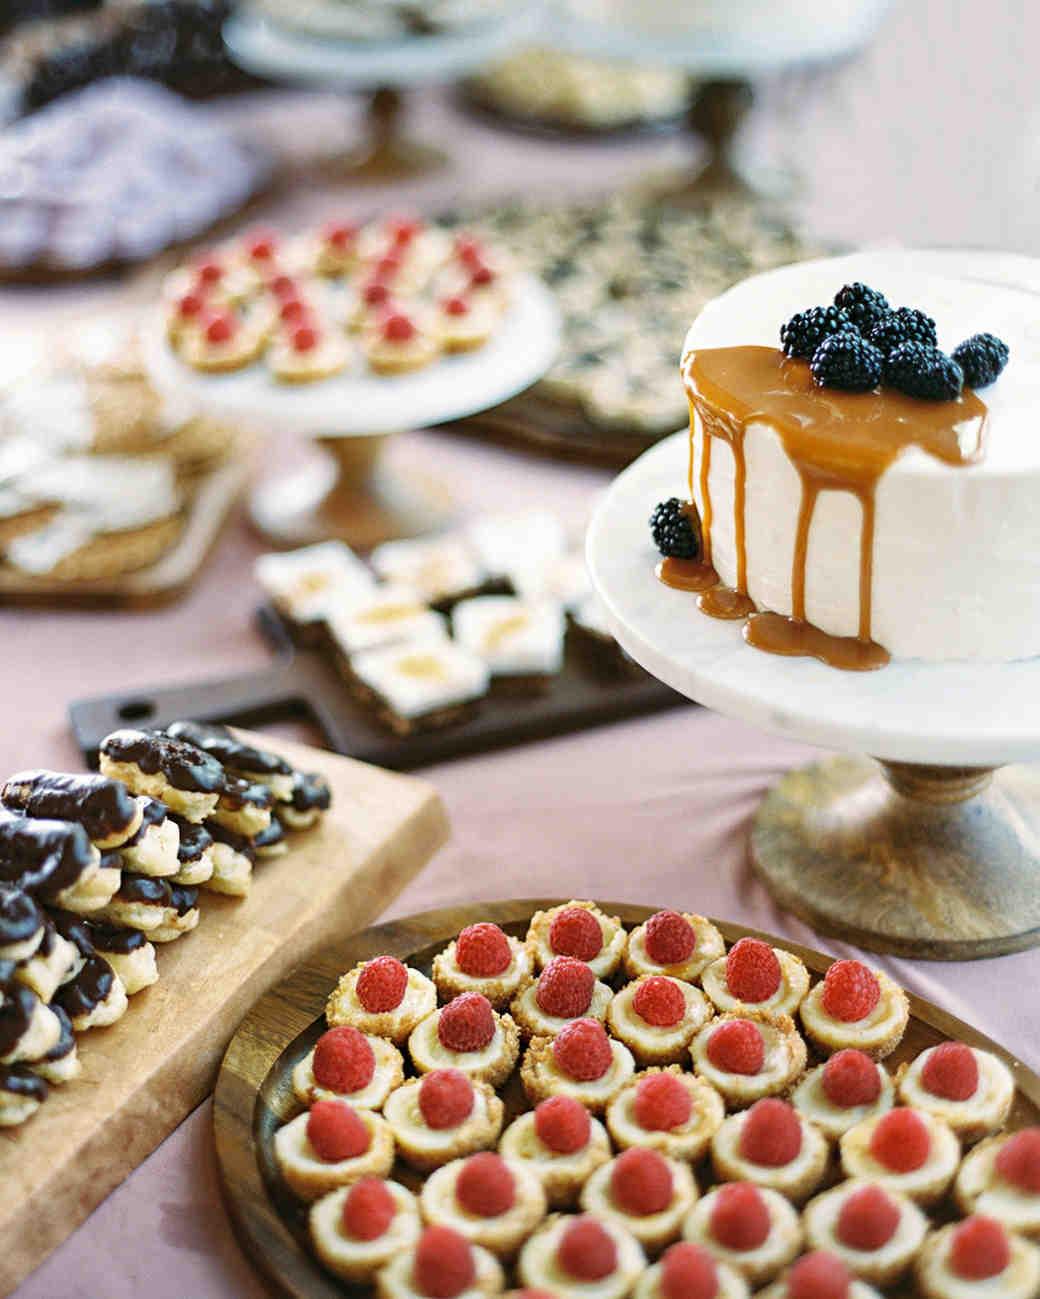 charla jesse wedding desserts